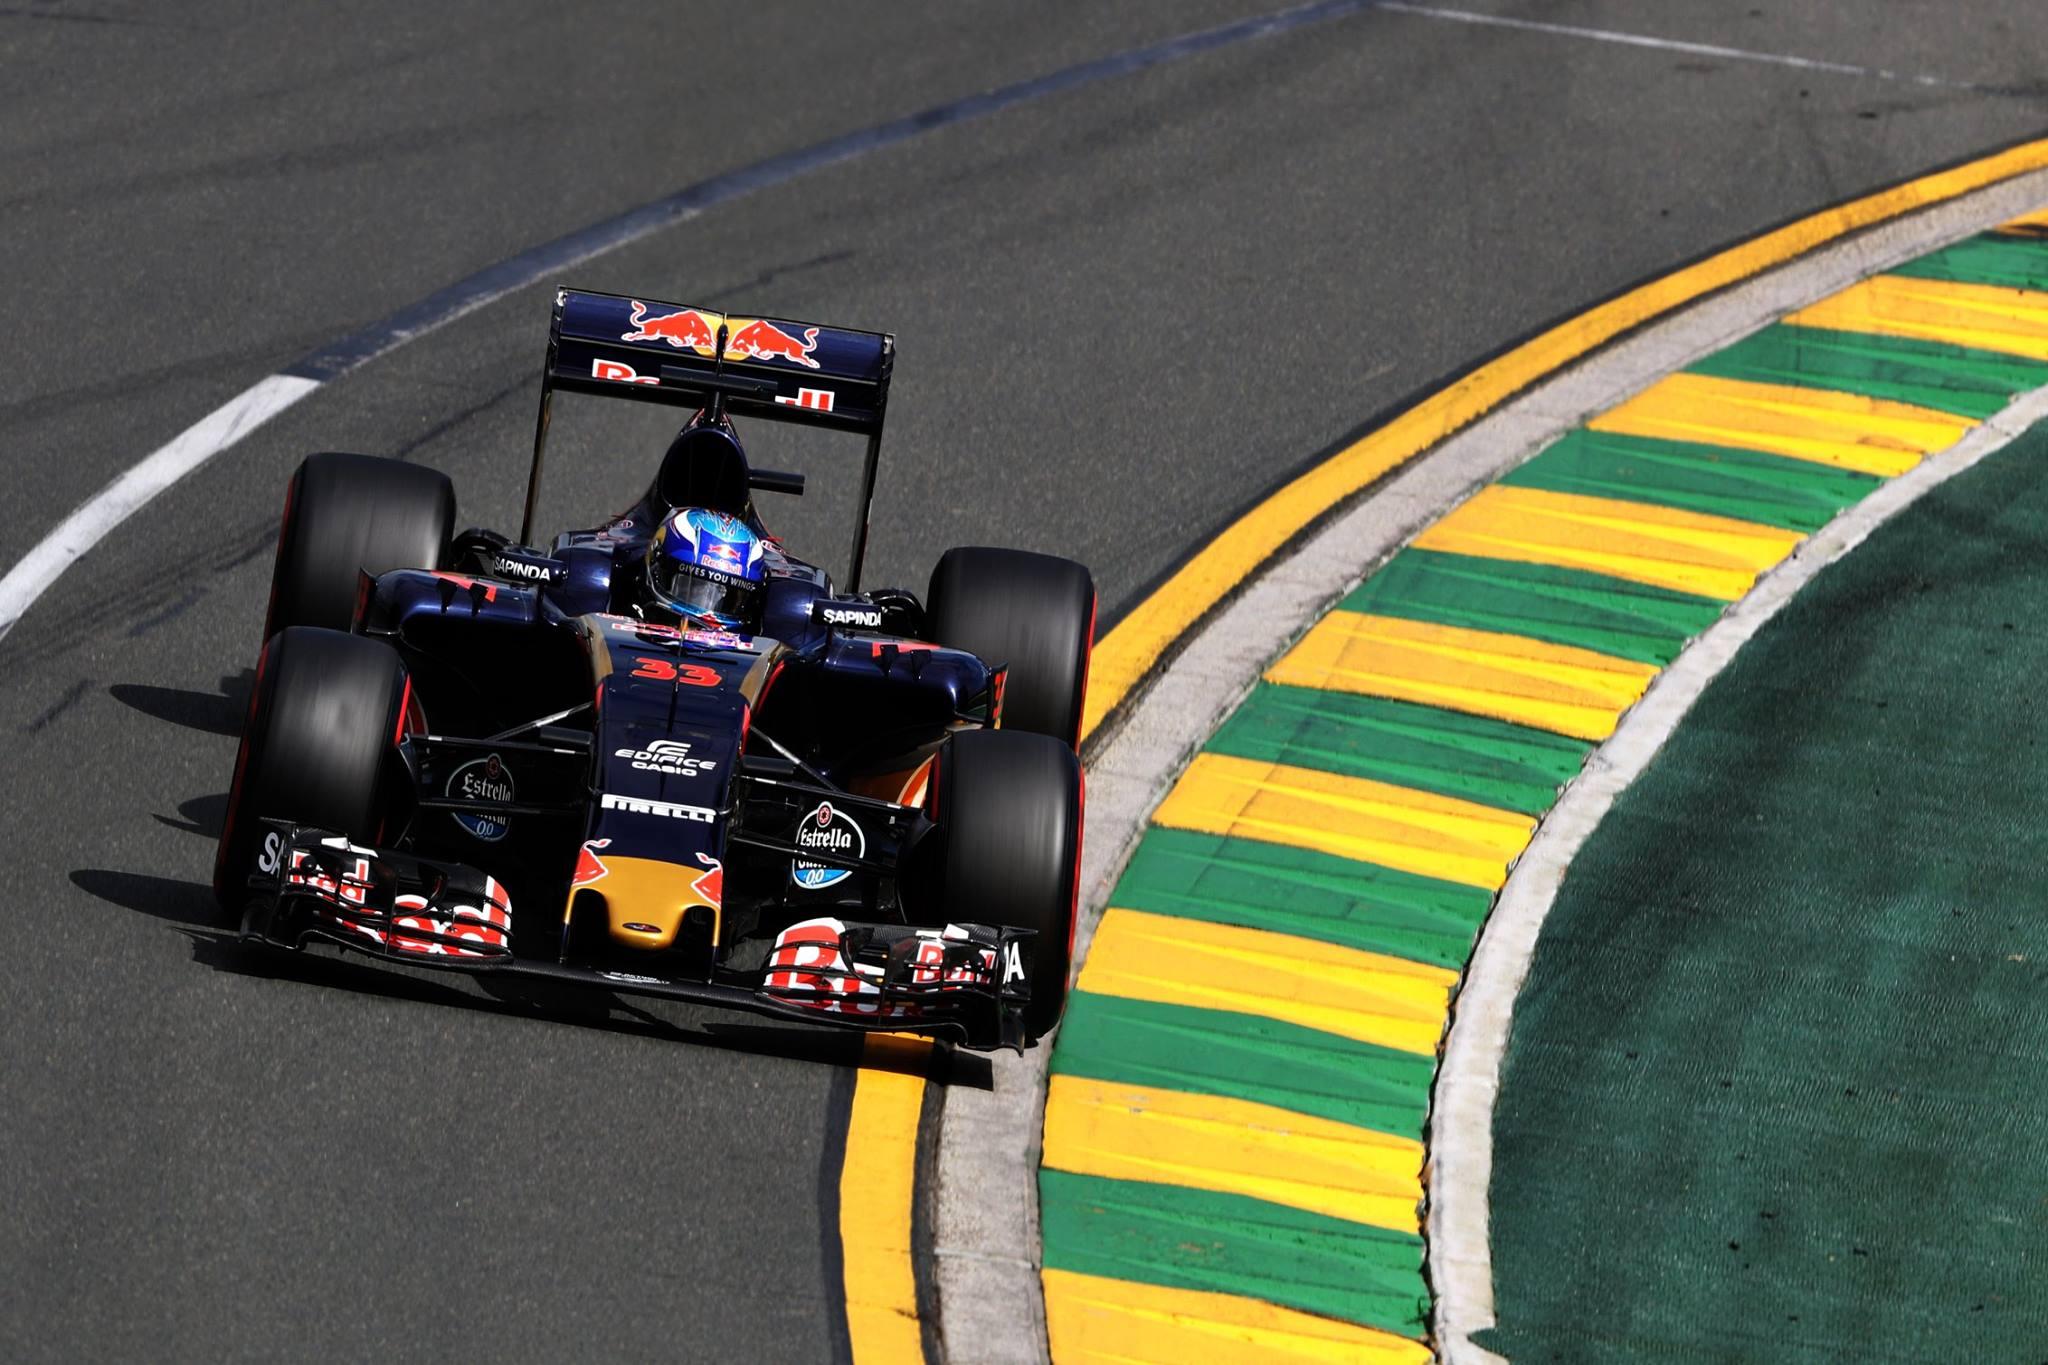 Verstappen esta verde demais para a Red Bull, sua passagem pode ser desastrosa em 2016.